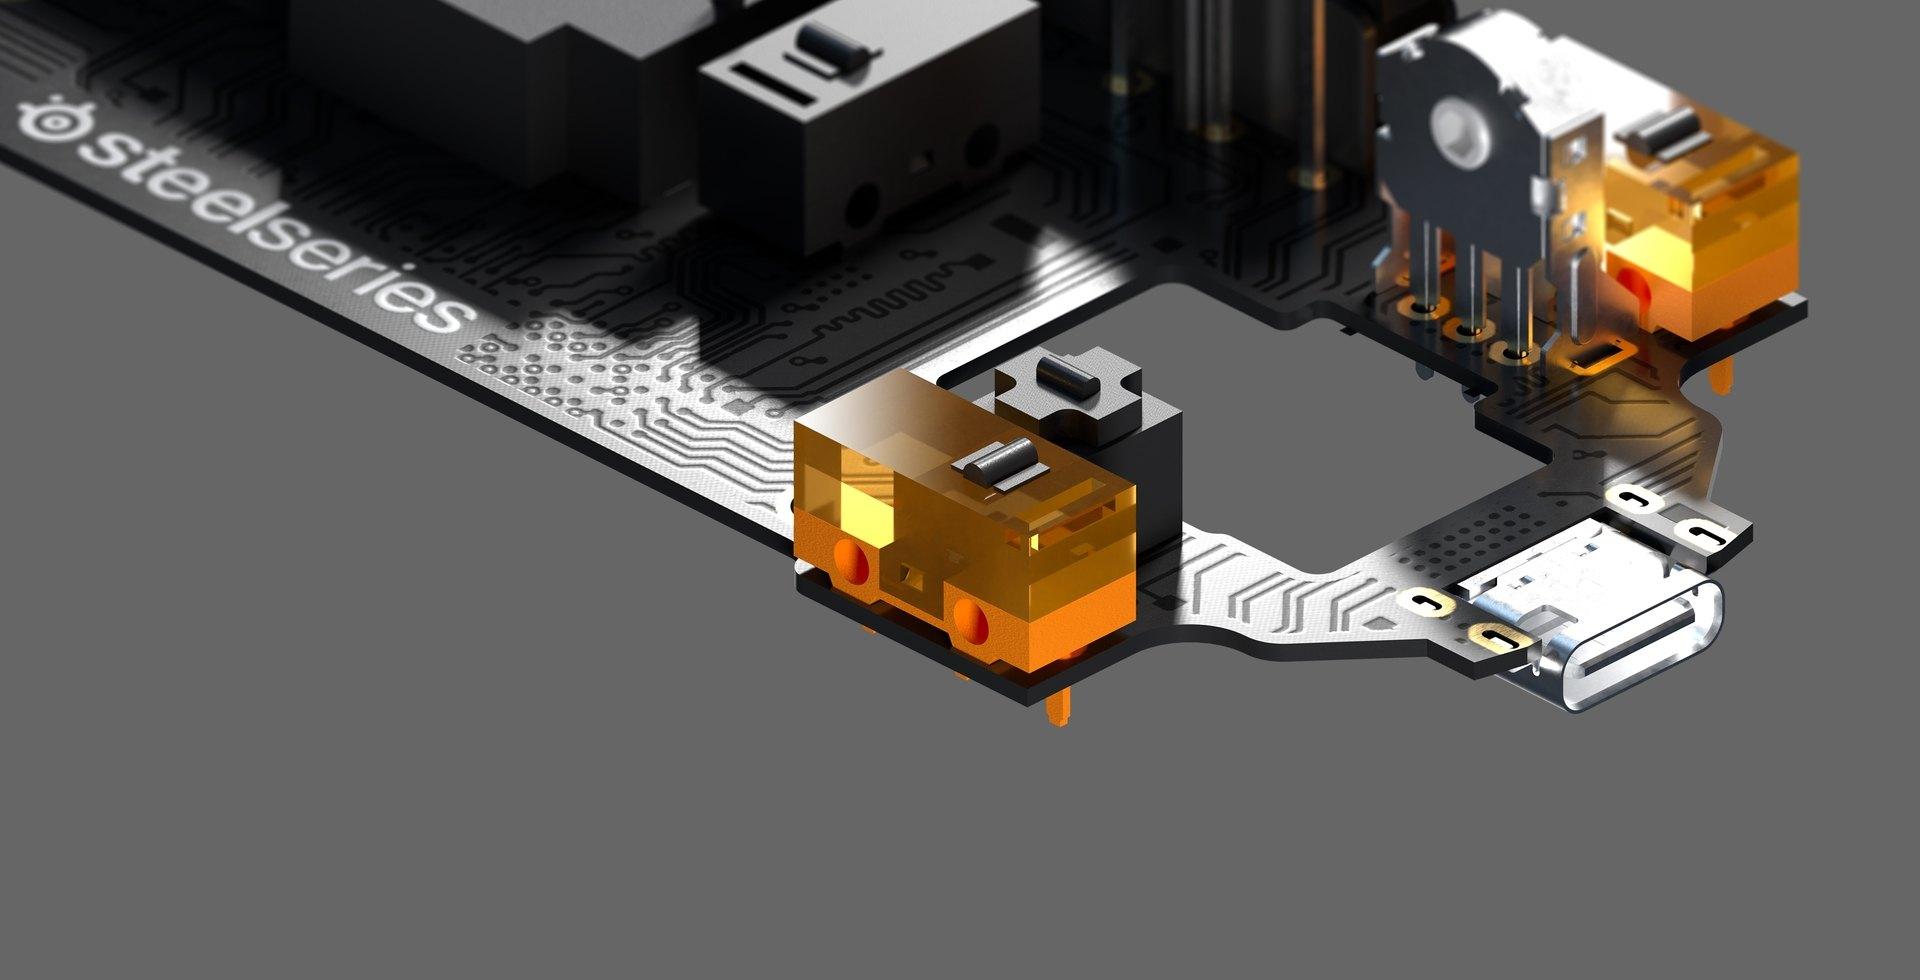 Image du circuit intérieur de la souris Aerox3 montrant les nouveaux switchs gauche et droit.